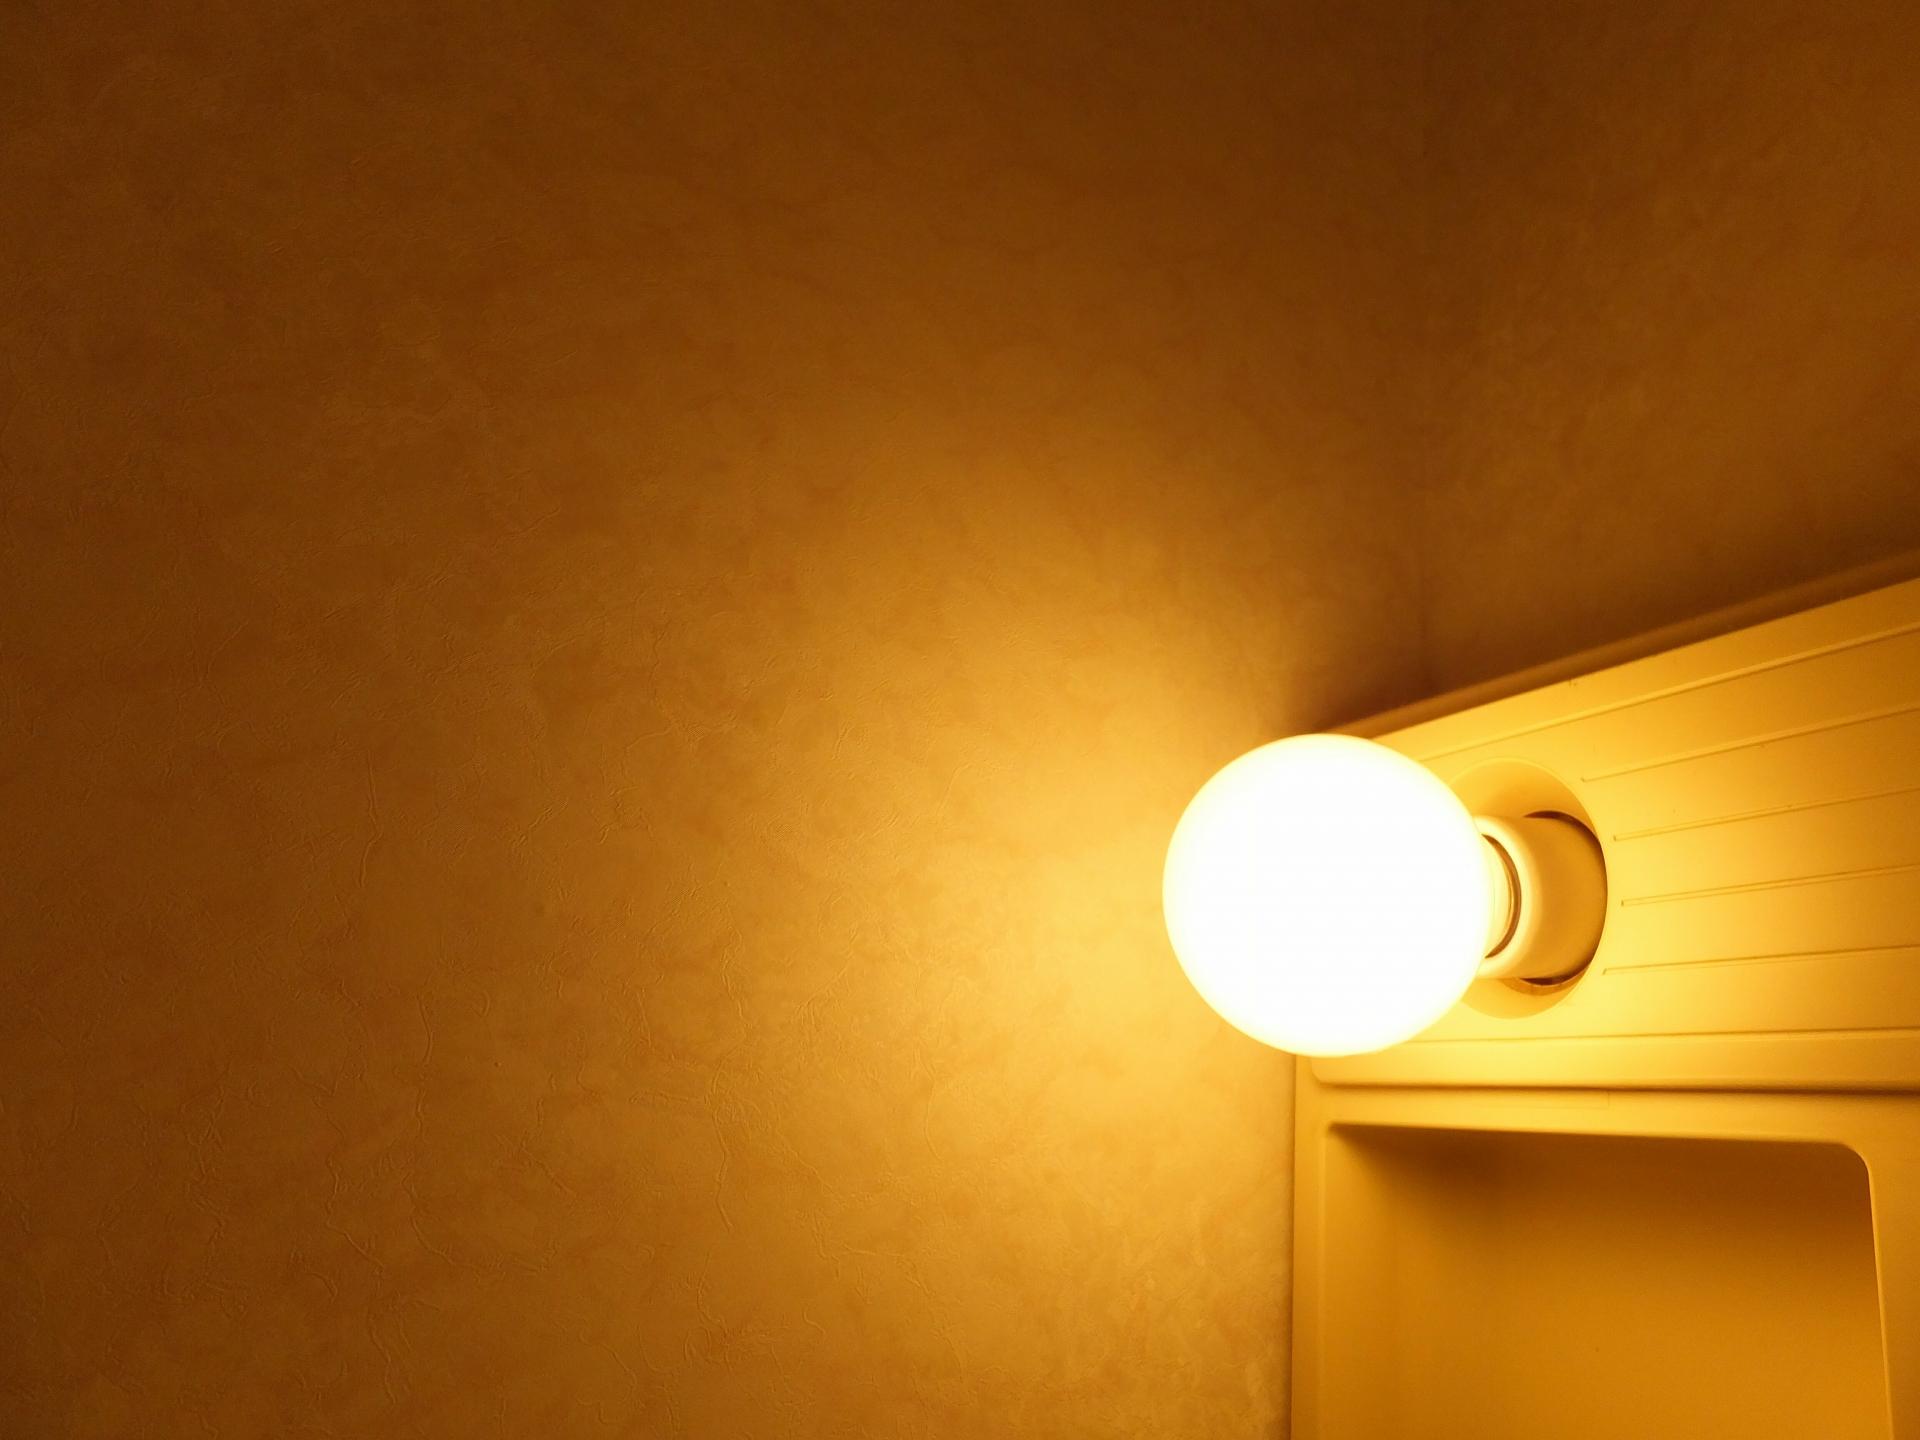 心永工務店の照明